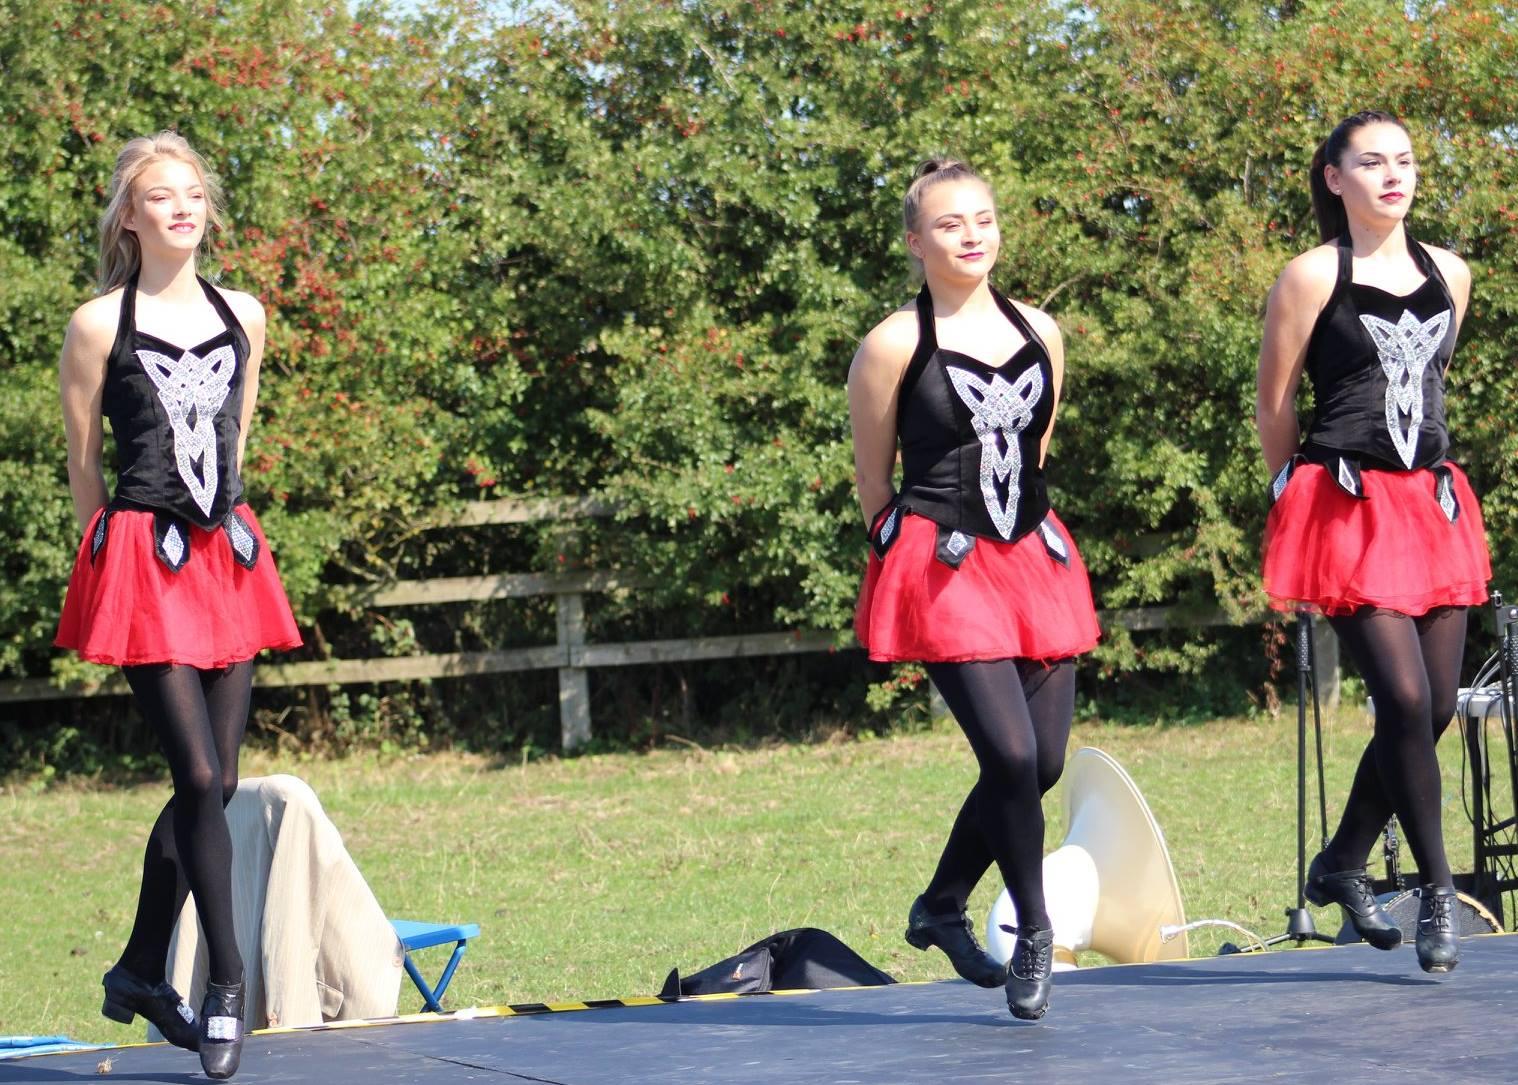 McRoibin School of Dance